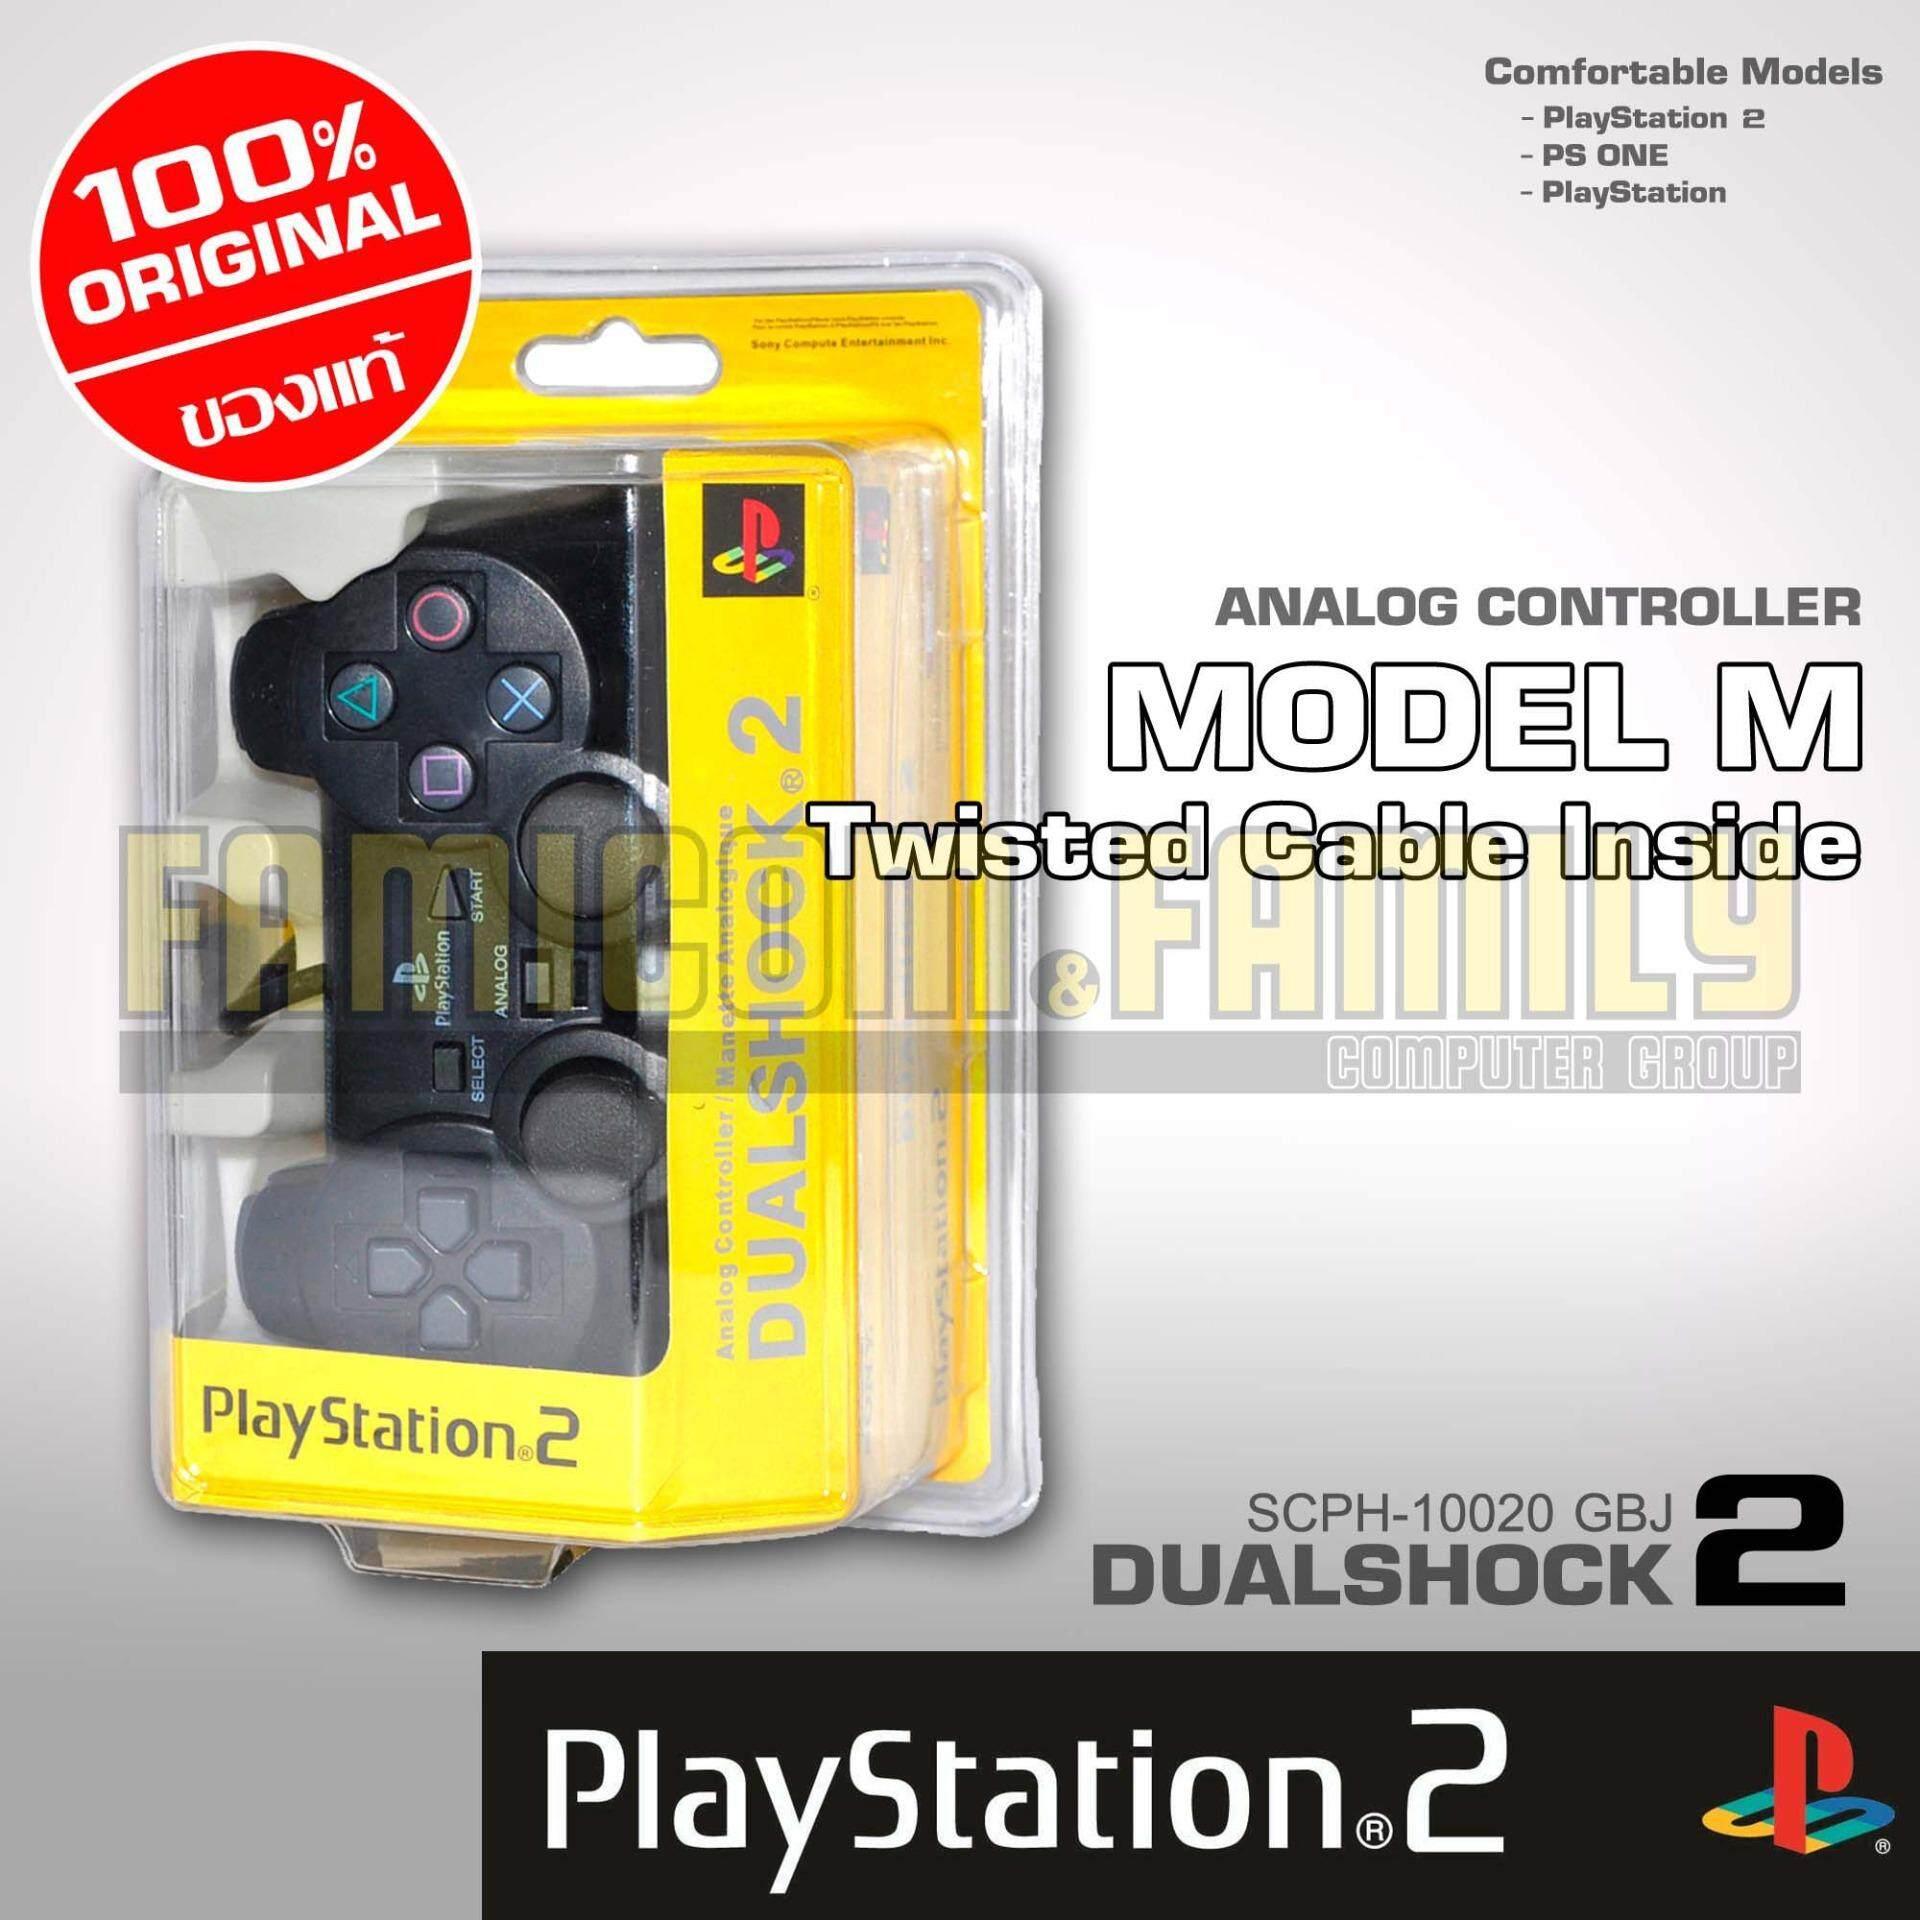 จอยสำหรับเครื่องเล่นเกม Sony PlayStation 2 DUALSHOCK 2 (Package Model M แท้)